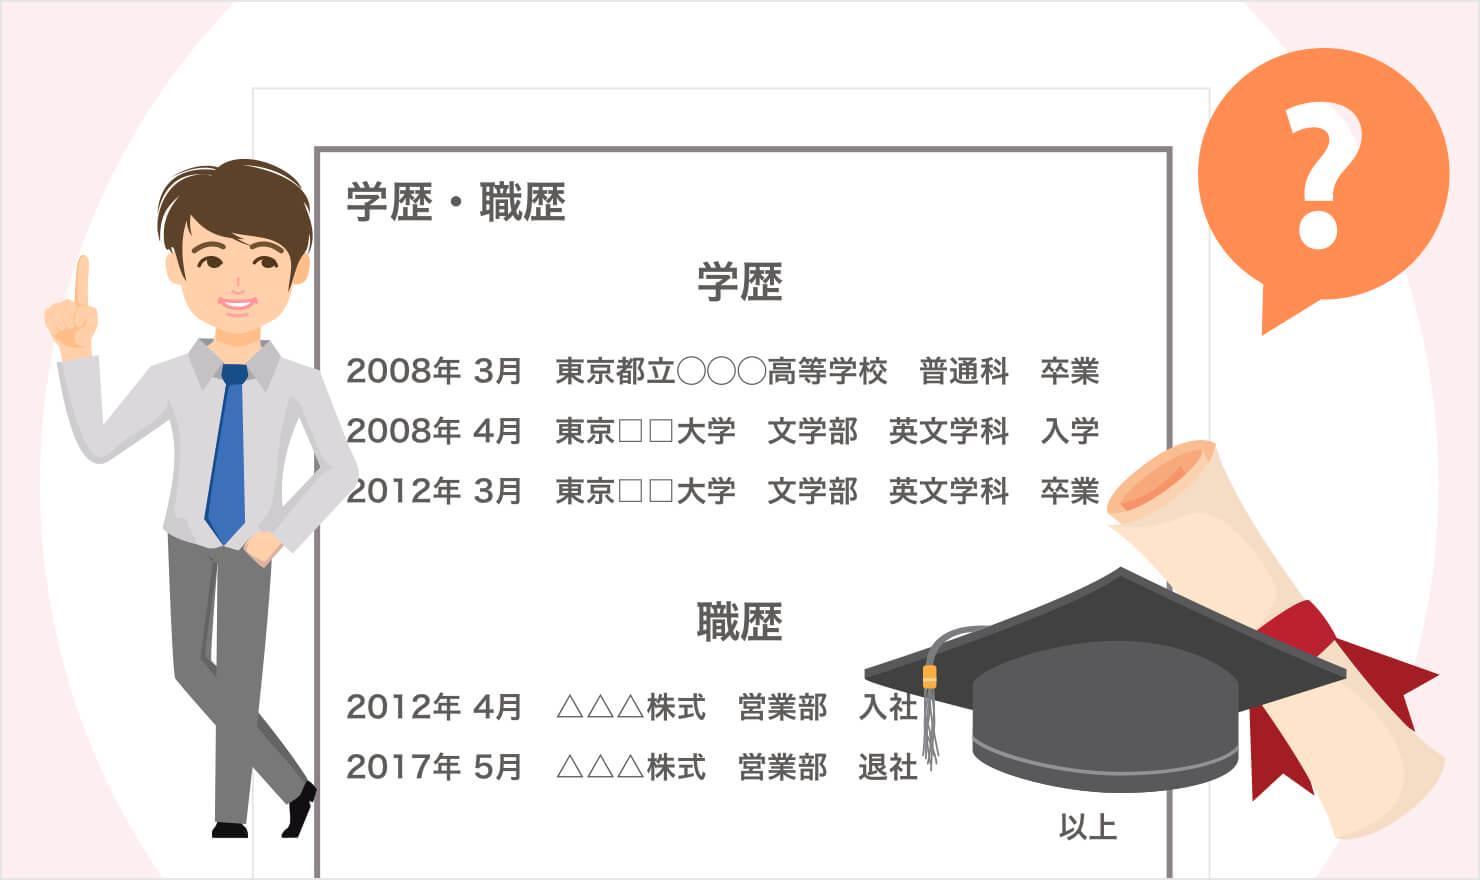 履歴書学歴欄の書き方マニュアル【経歴別の書き方例あり】